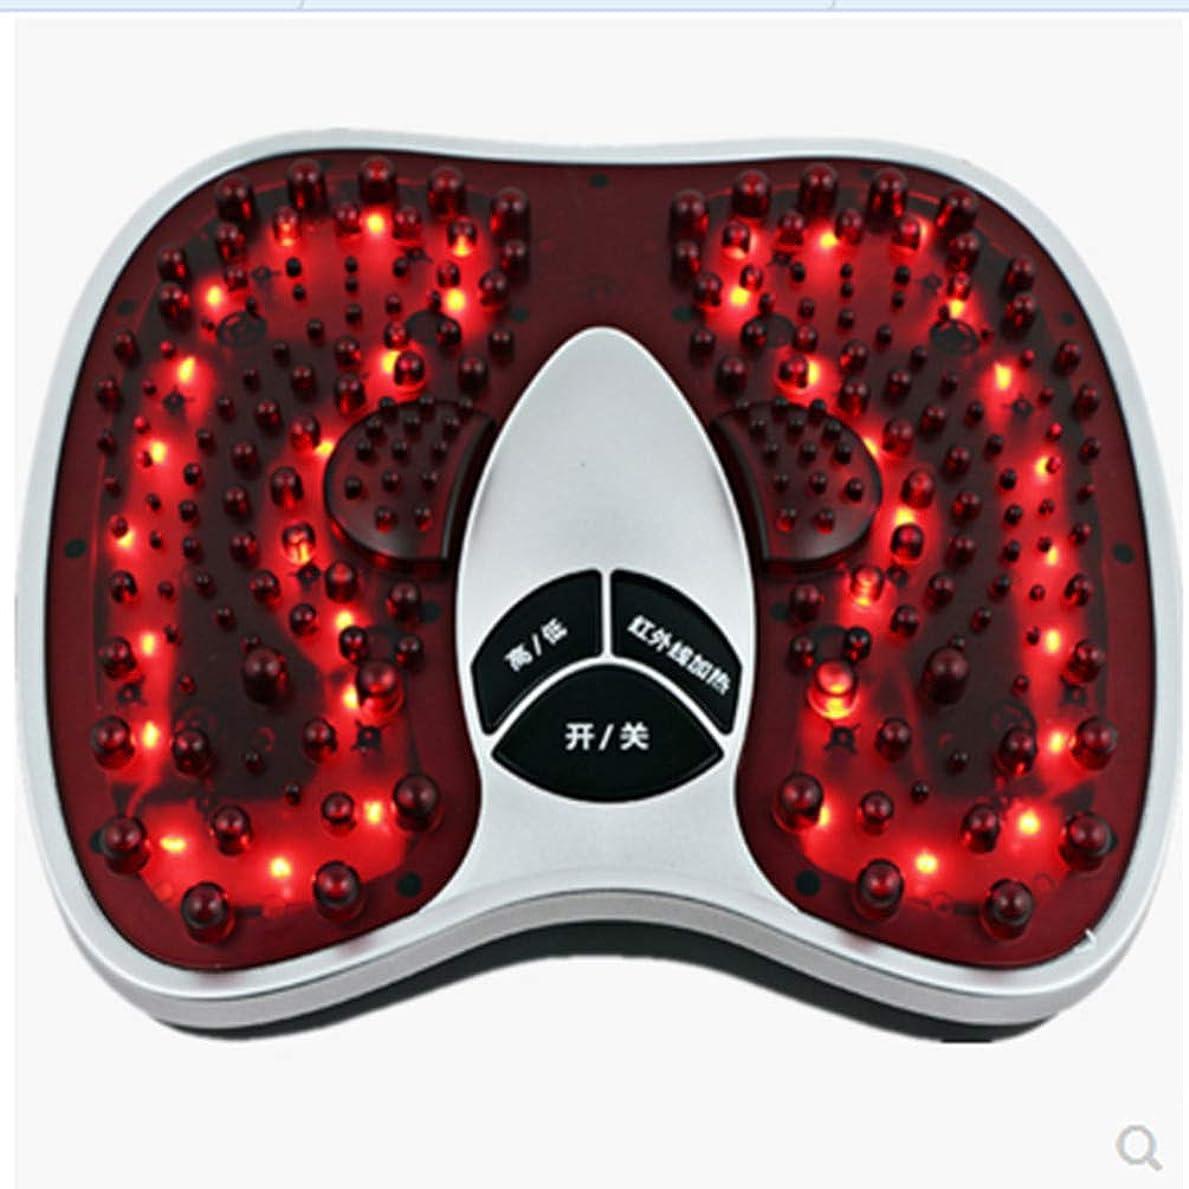 戸惑う謝るかかわらず電気の フットマッサージ(熱を含む)、フルマッサージを体験する202マッサージヘッド、硬い筋肉を柔らかくする、循環を改善する、痛みを軽減する治療 人間工学的デザイン, red